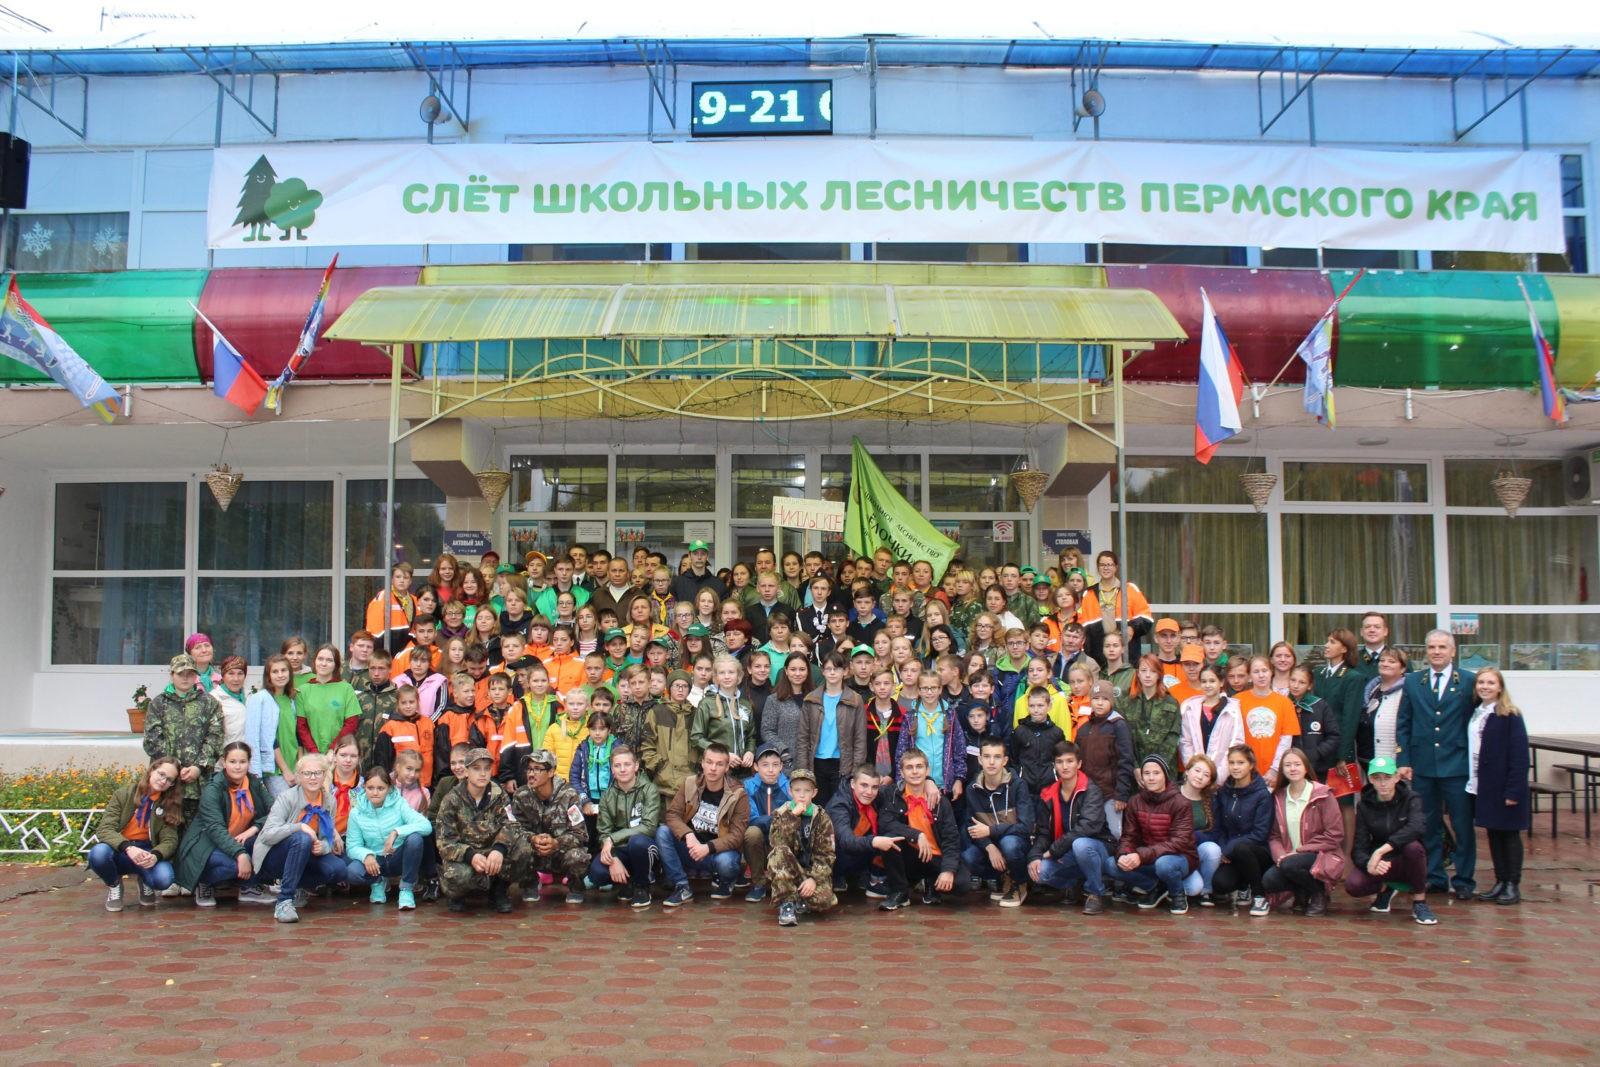 XVIII Краевой слёт школьных лесничеств Пермского края в 2018 году («Ребячий лагерь «Новое поколение»)